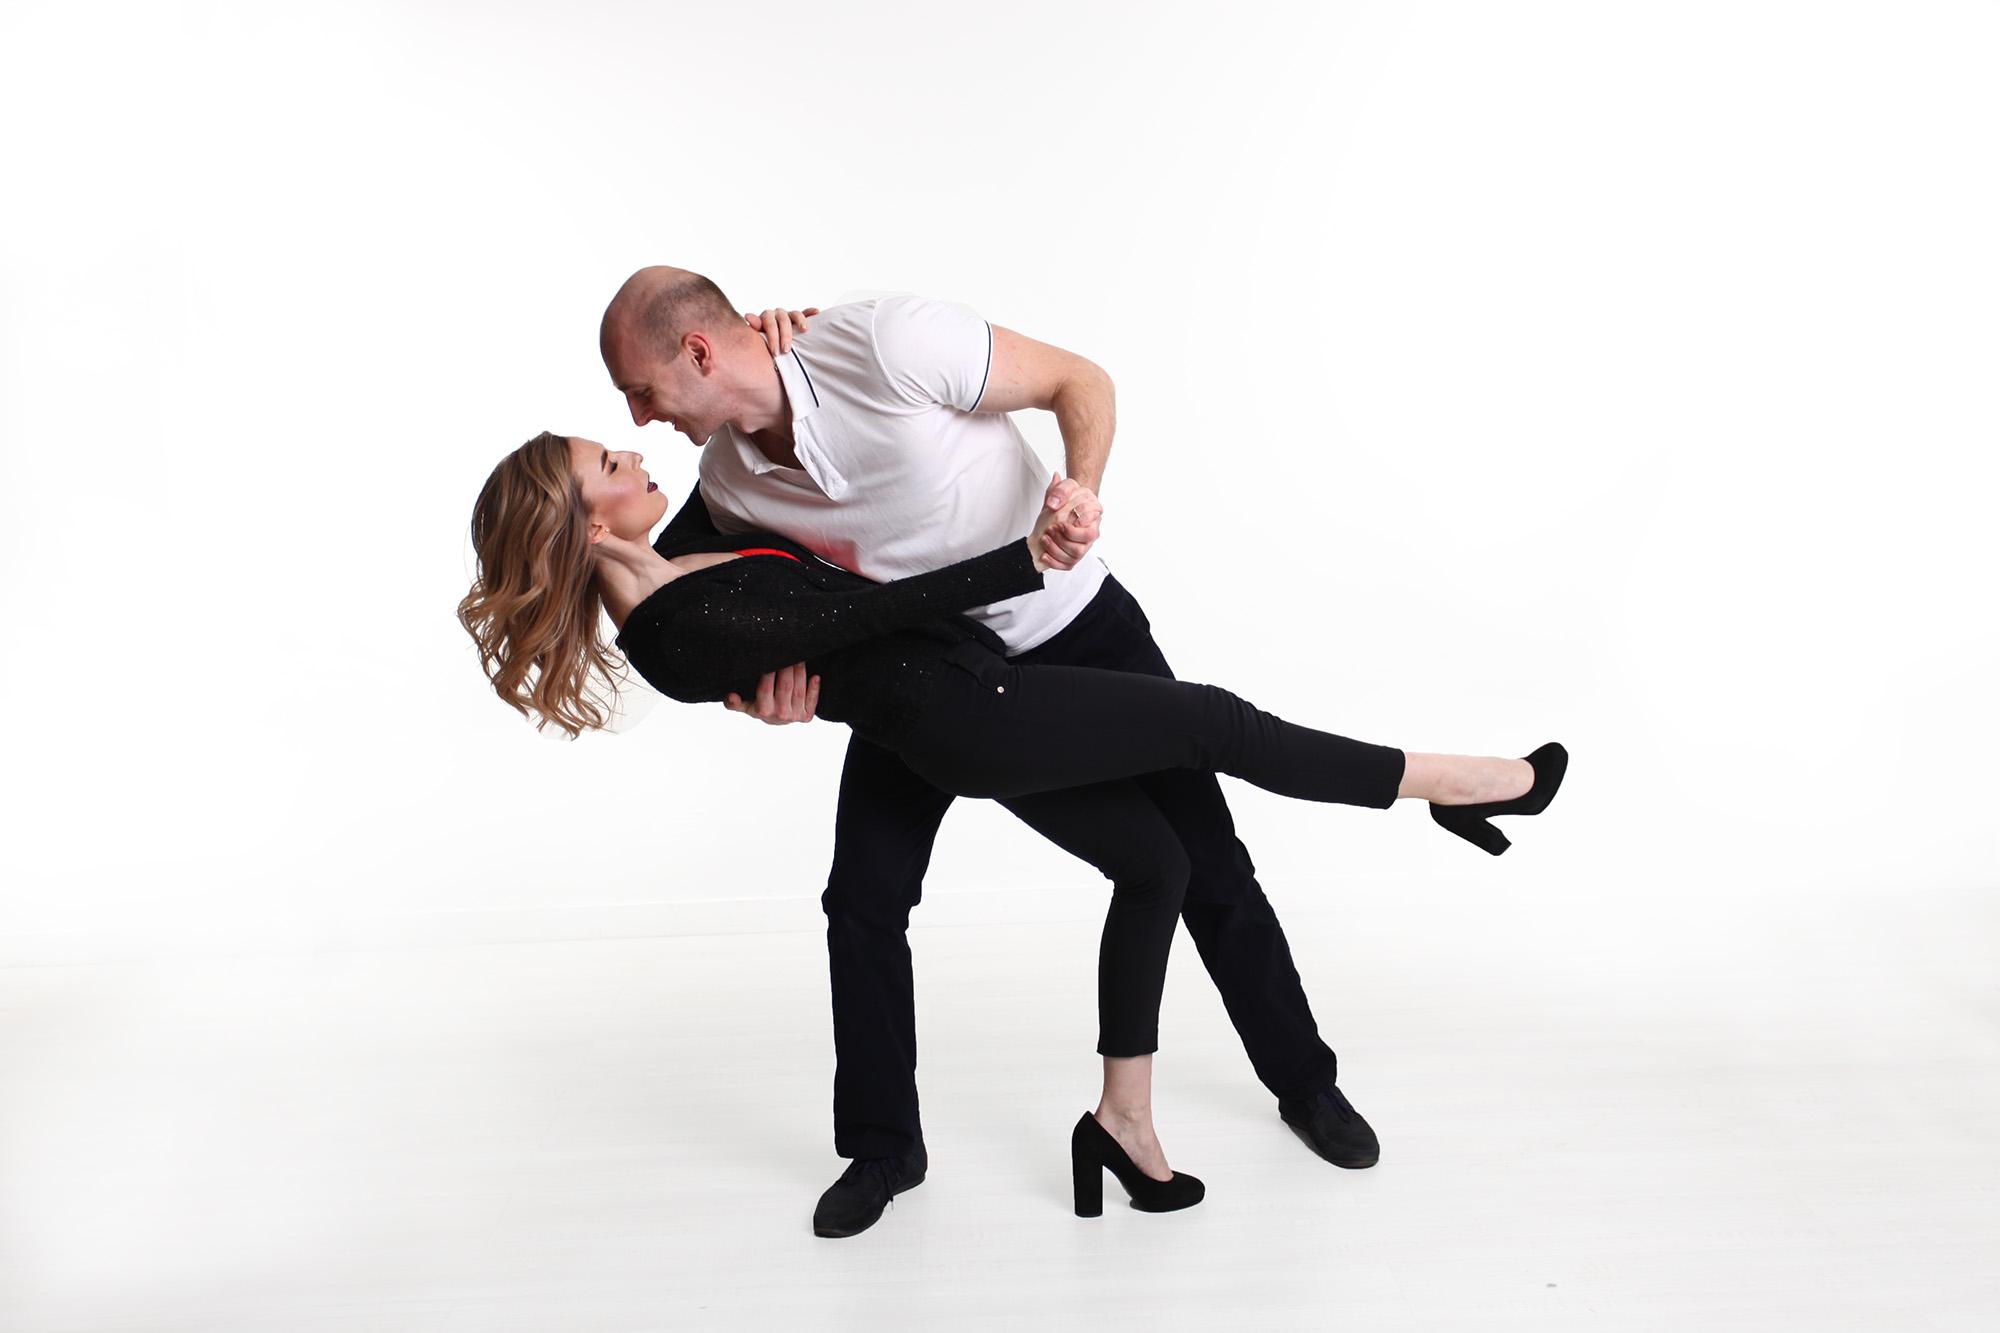 фотосессия на 8 марта, большой танец на фотосессии, вальс на фотосессии